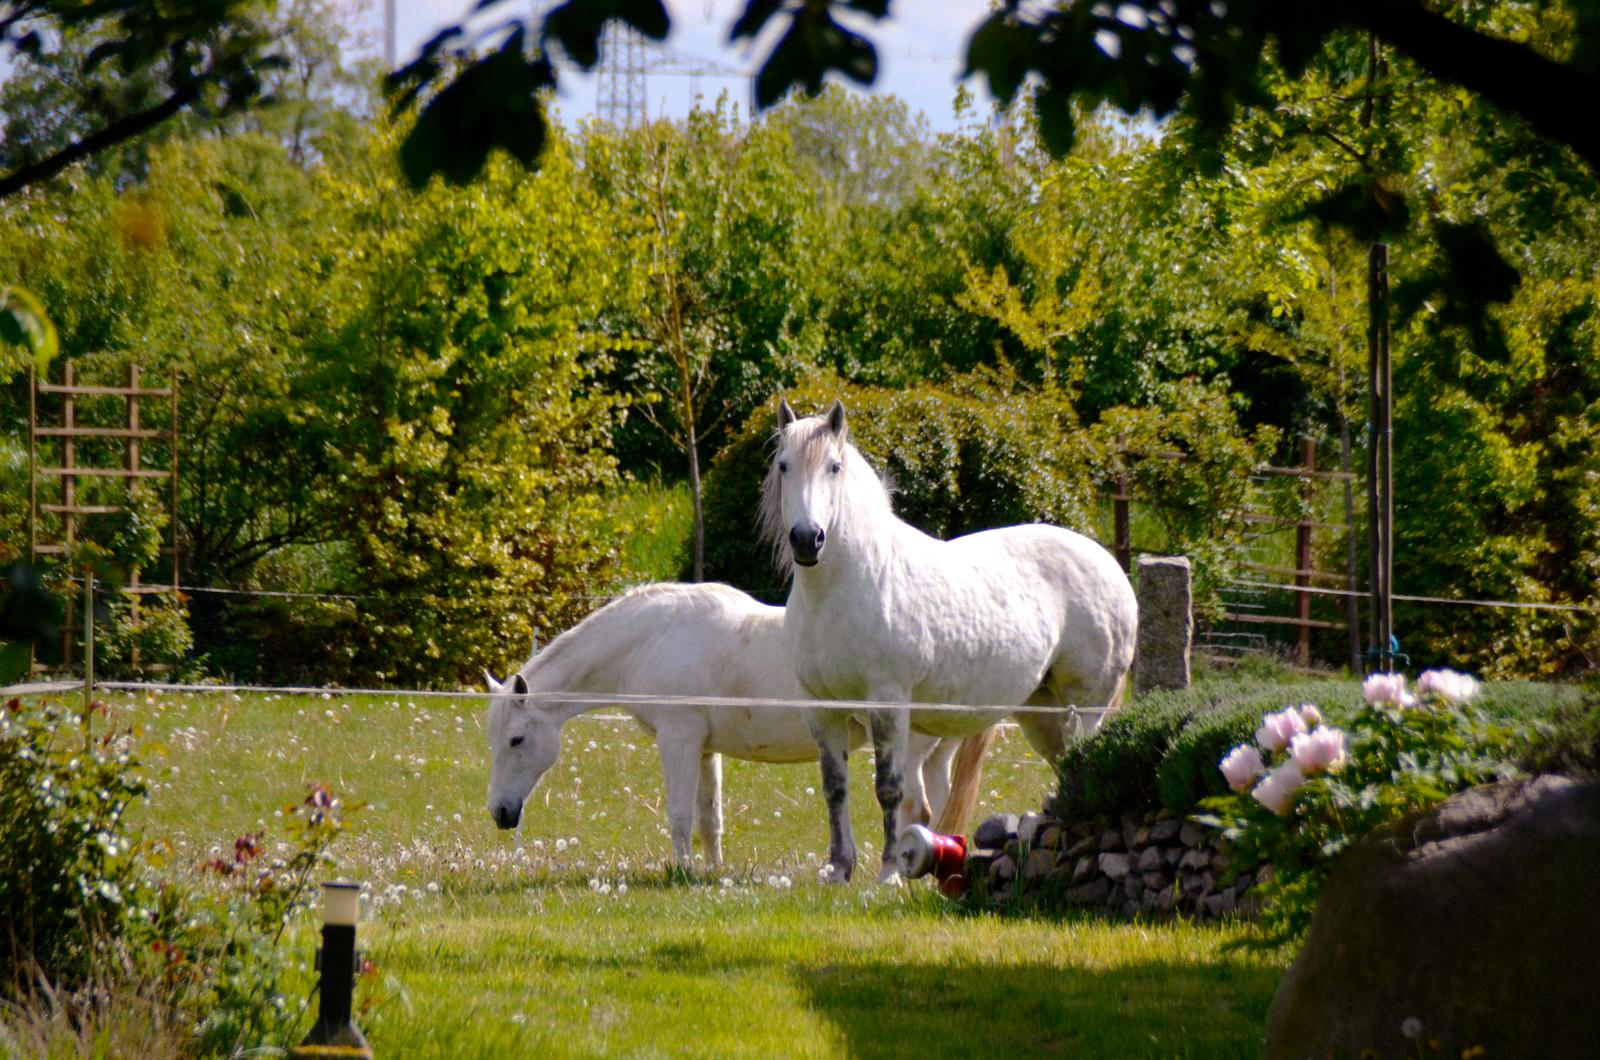 Pferde beim Grasen